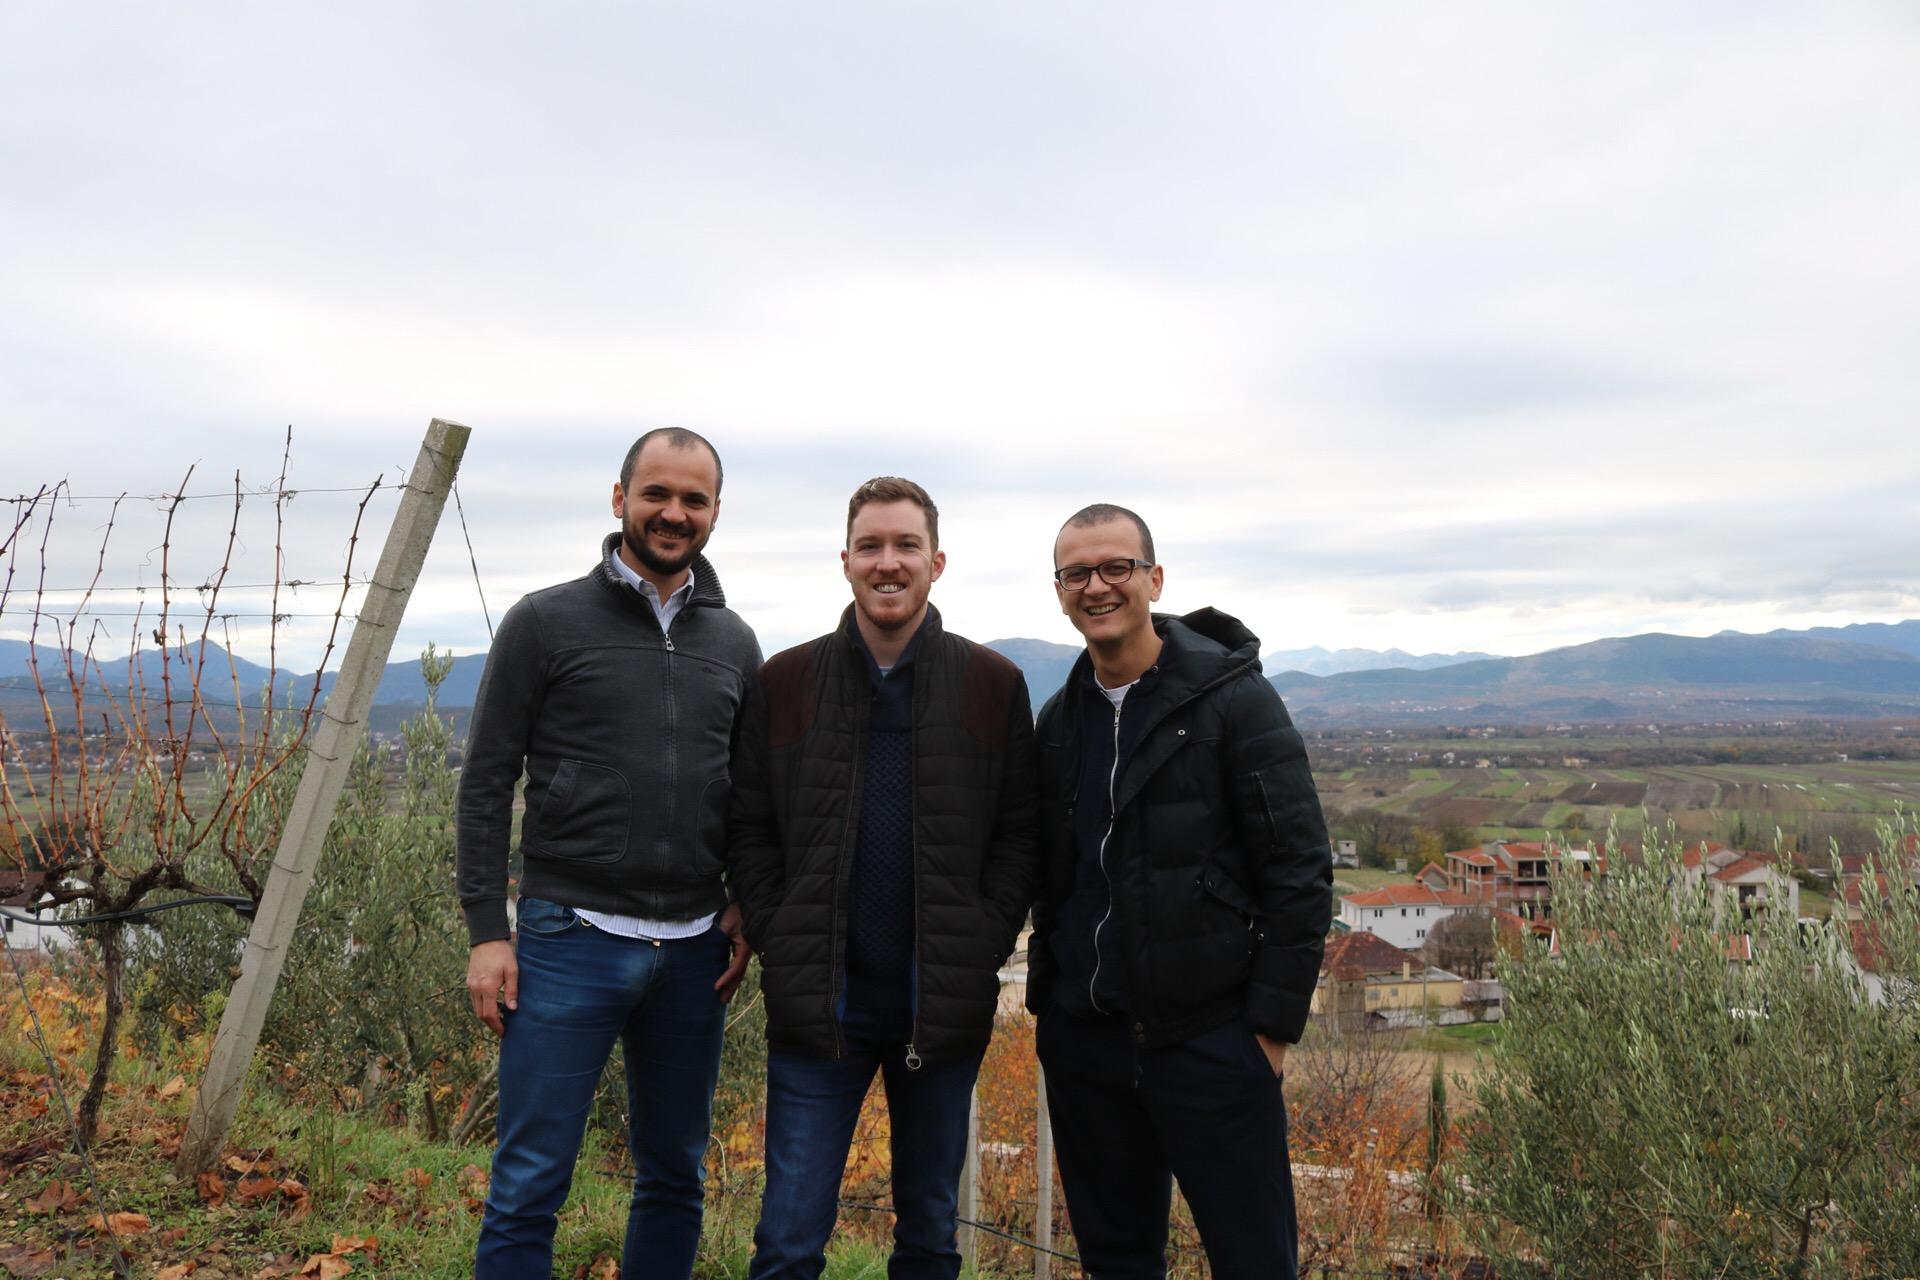 Ante, Matt, and Barisa... Skegro Winery